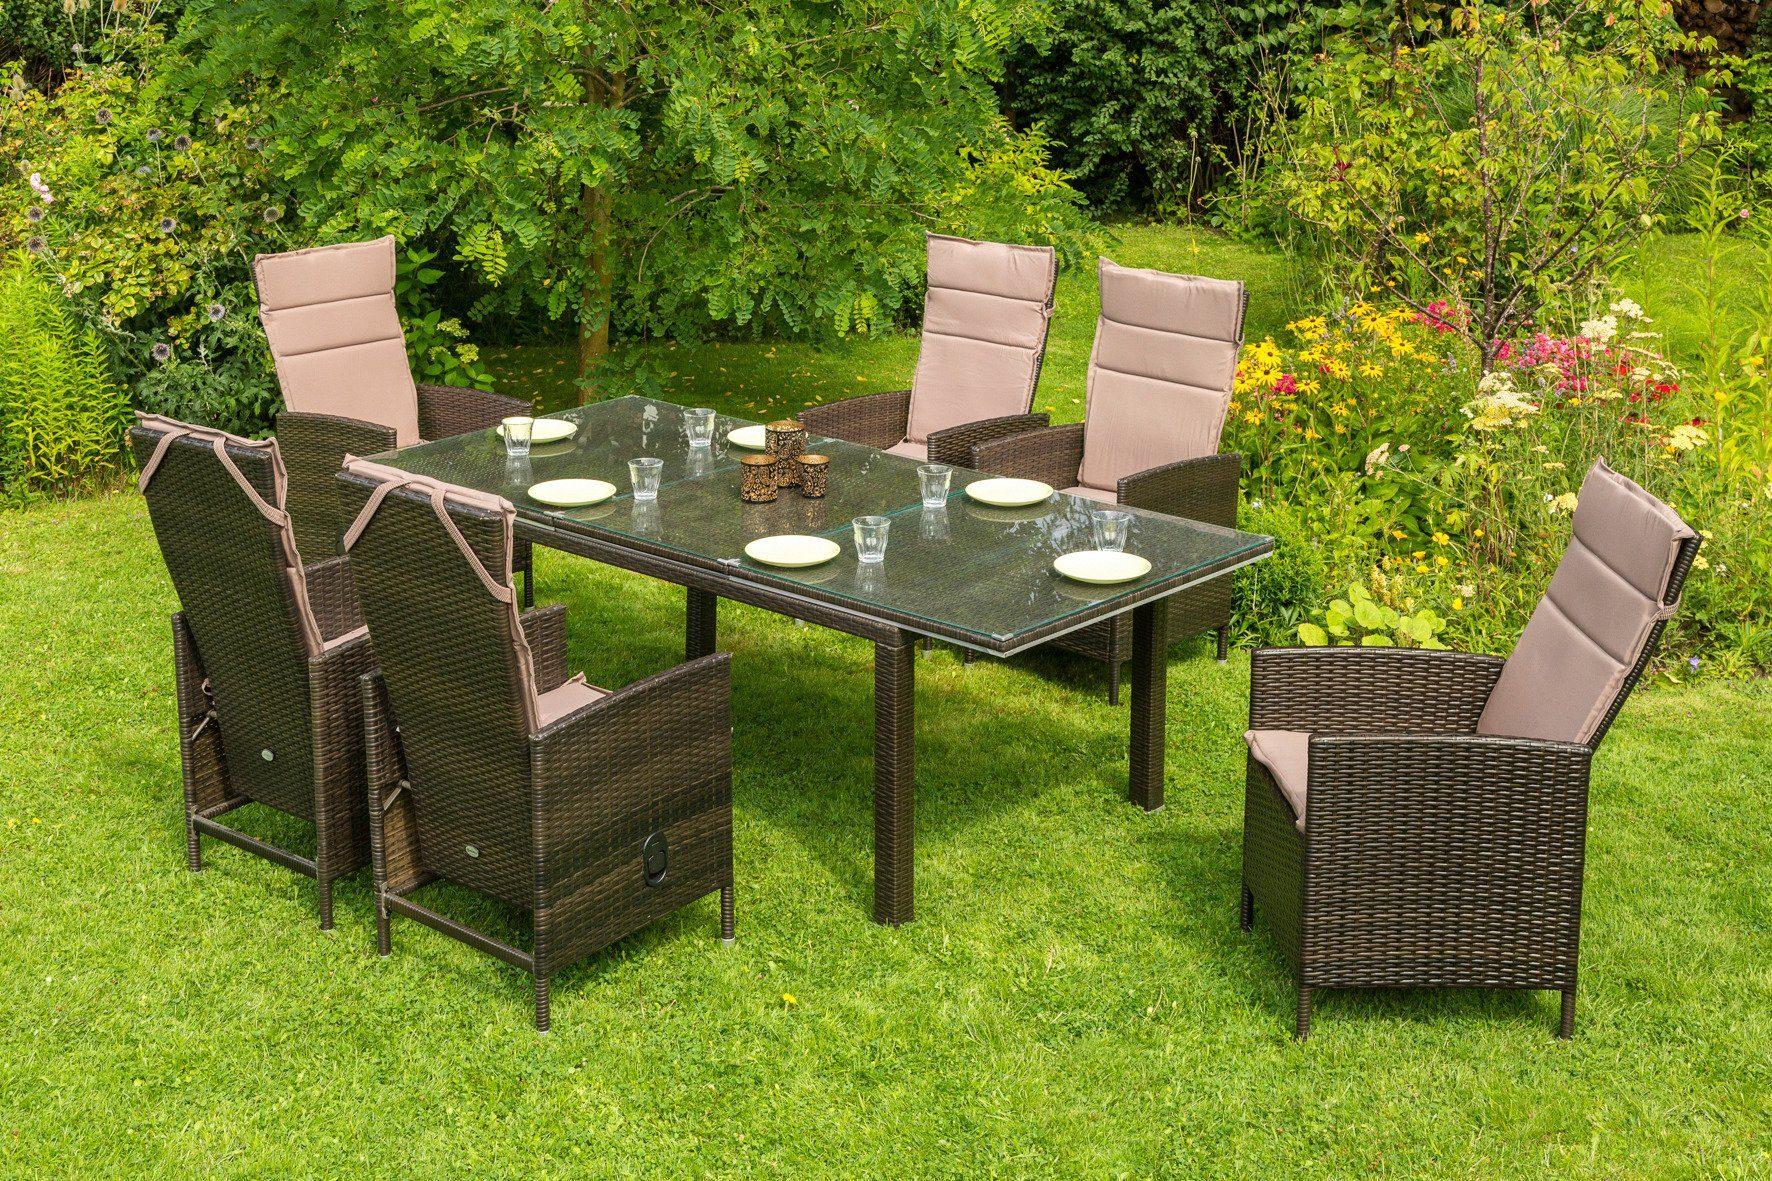 Gartenmöbelset »Madrid Premium«, 6 Sessel, Tisch 150-210 cm, Polyrattan, braun